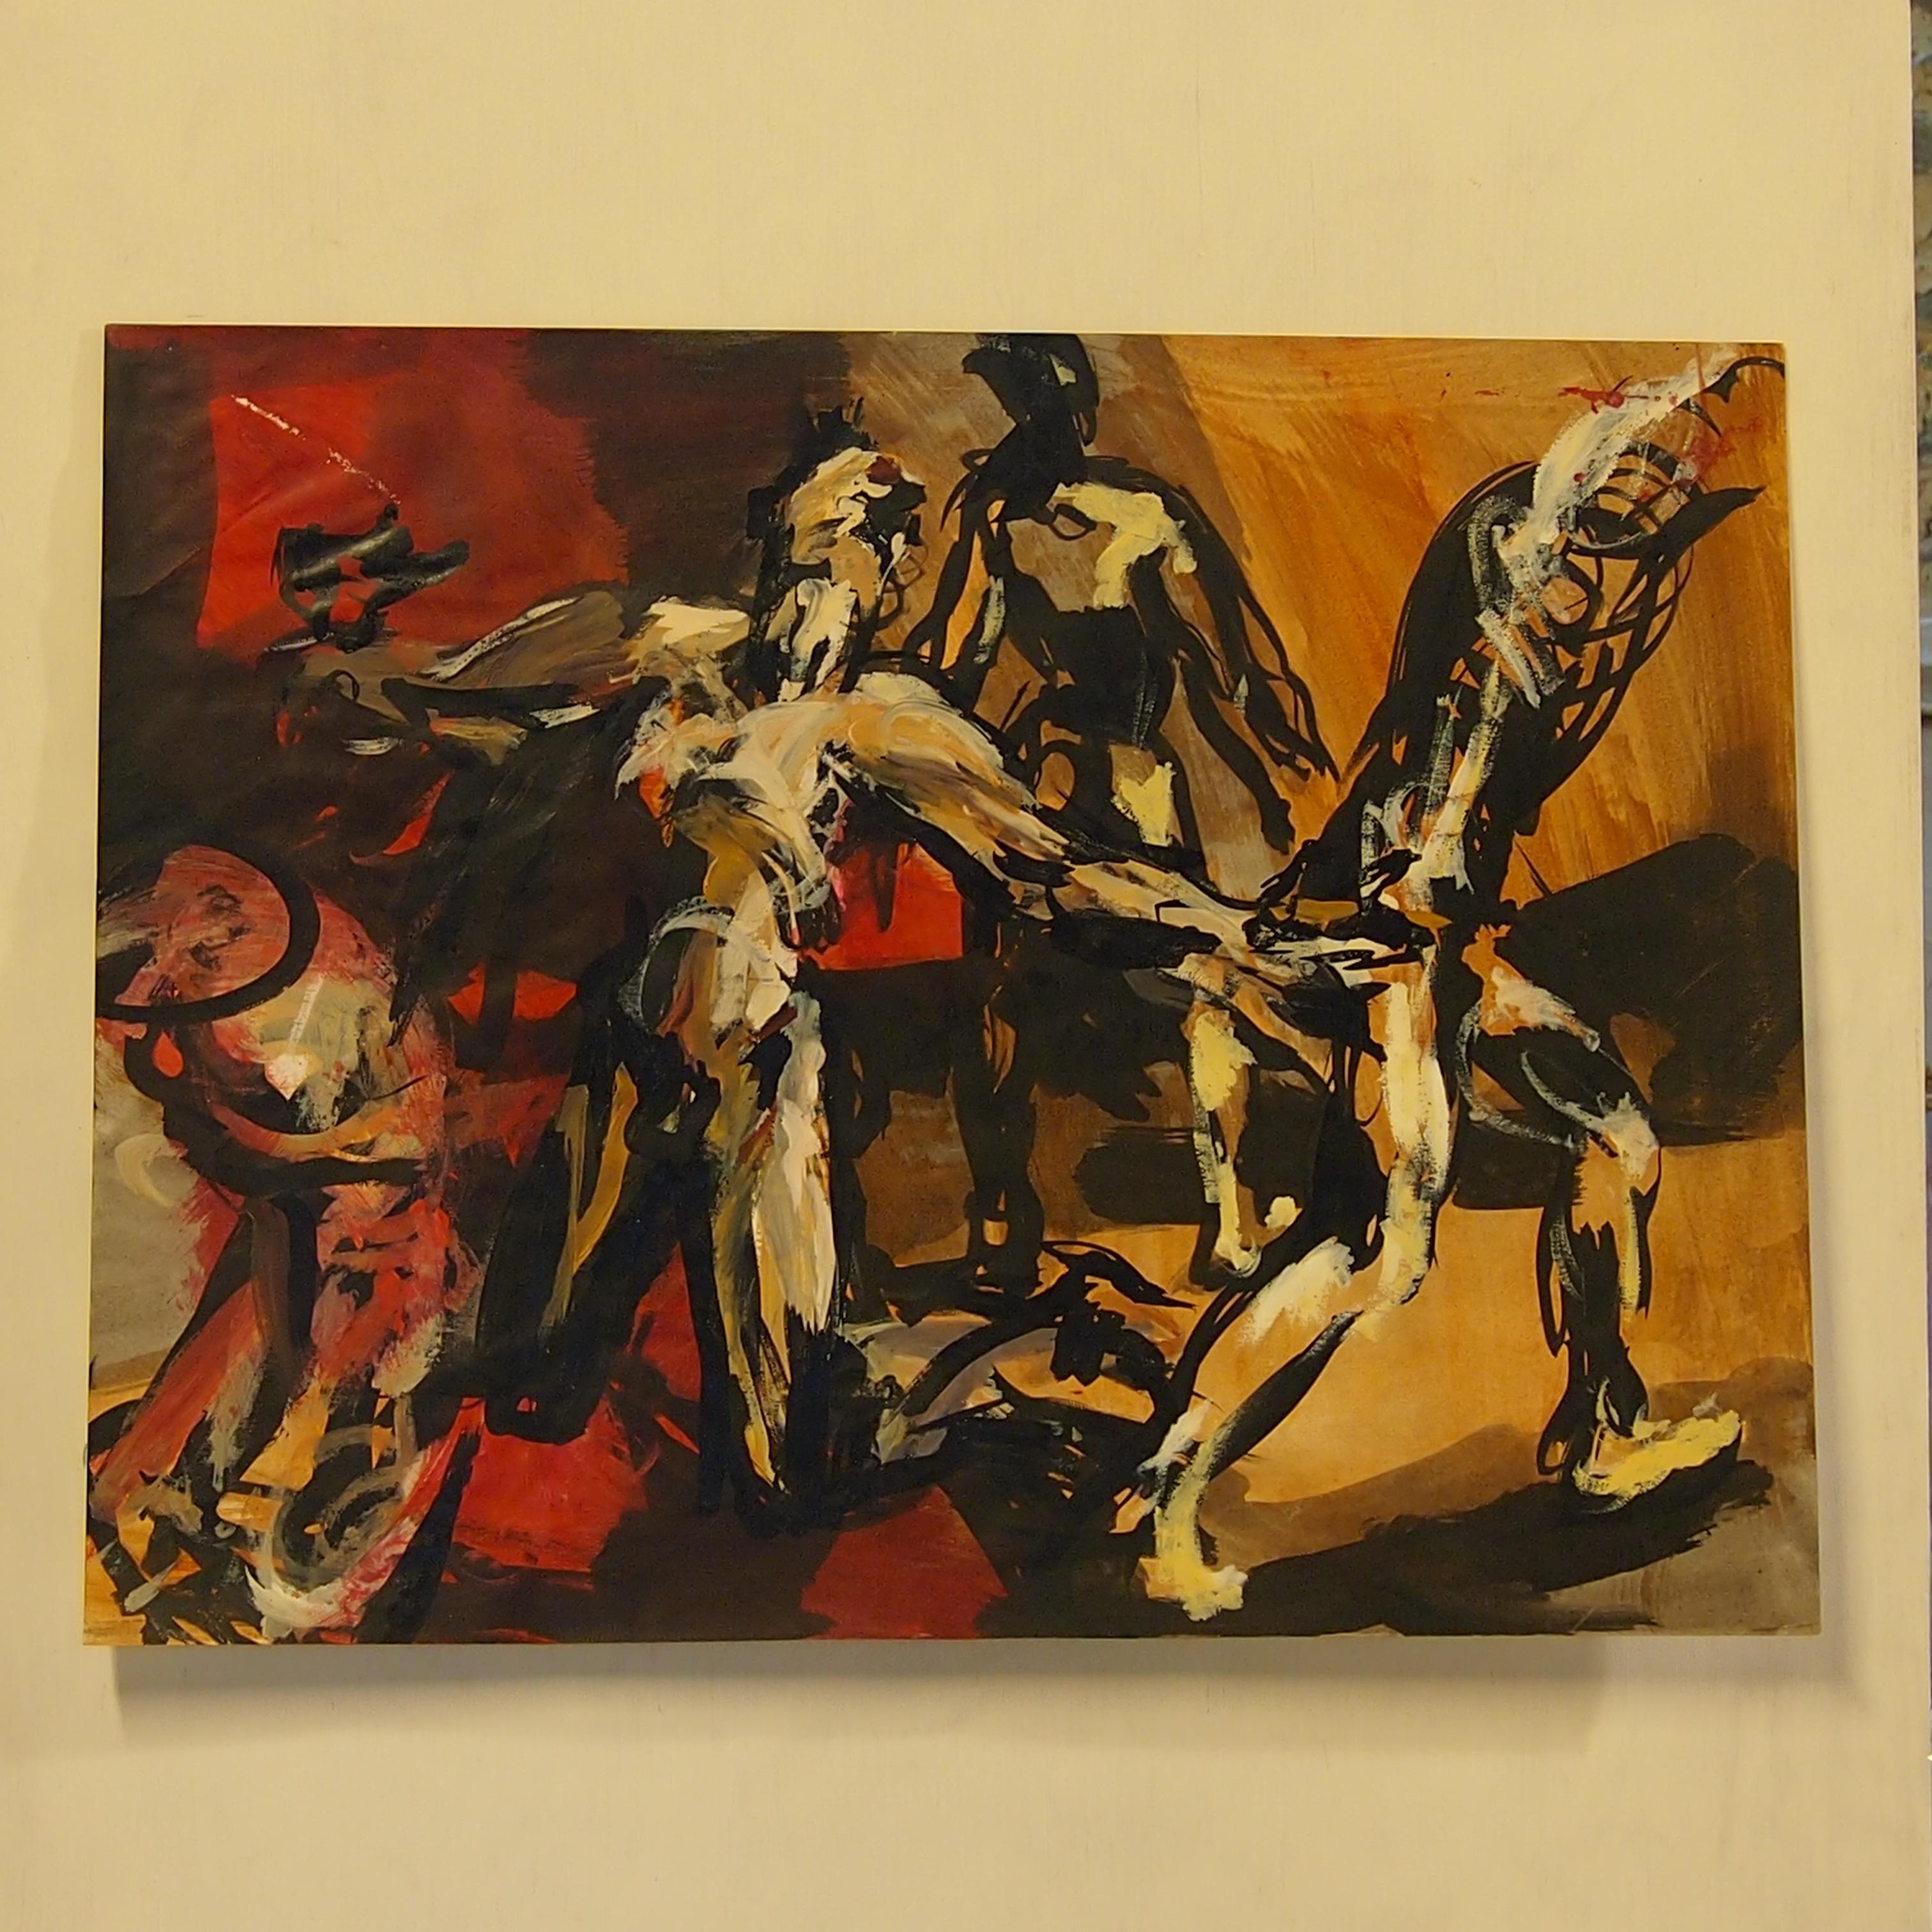 la guerre encre, acrylique sur papier 65x50